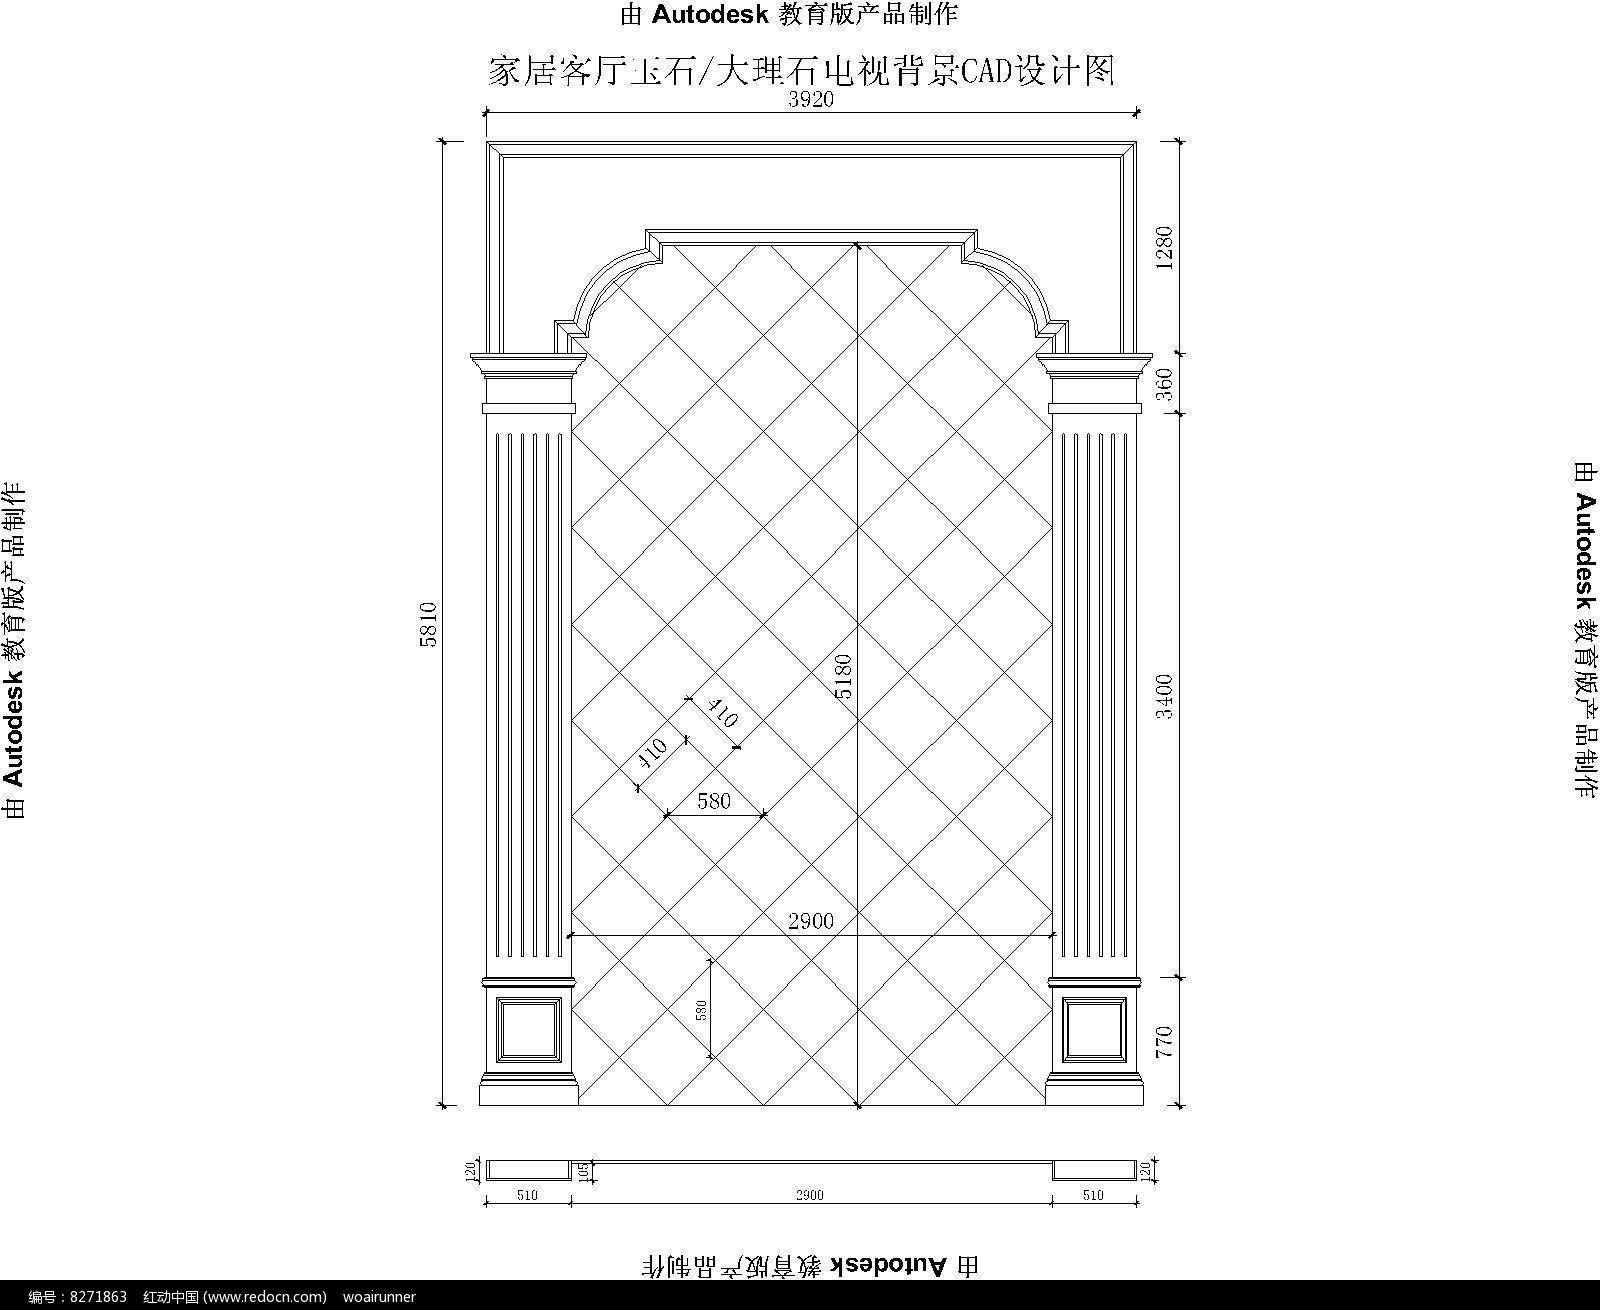 家楼中楼欧简风格罗马柱线条居客厅大理石玉石电视背景CAD设计图图片